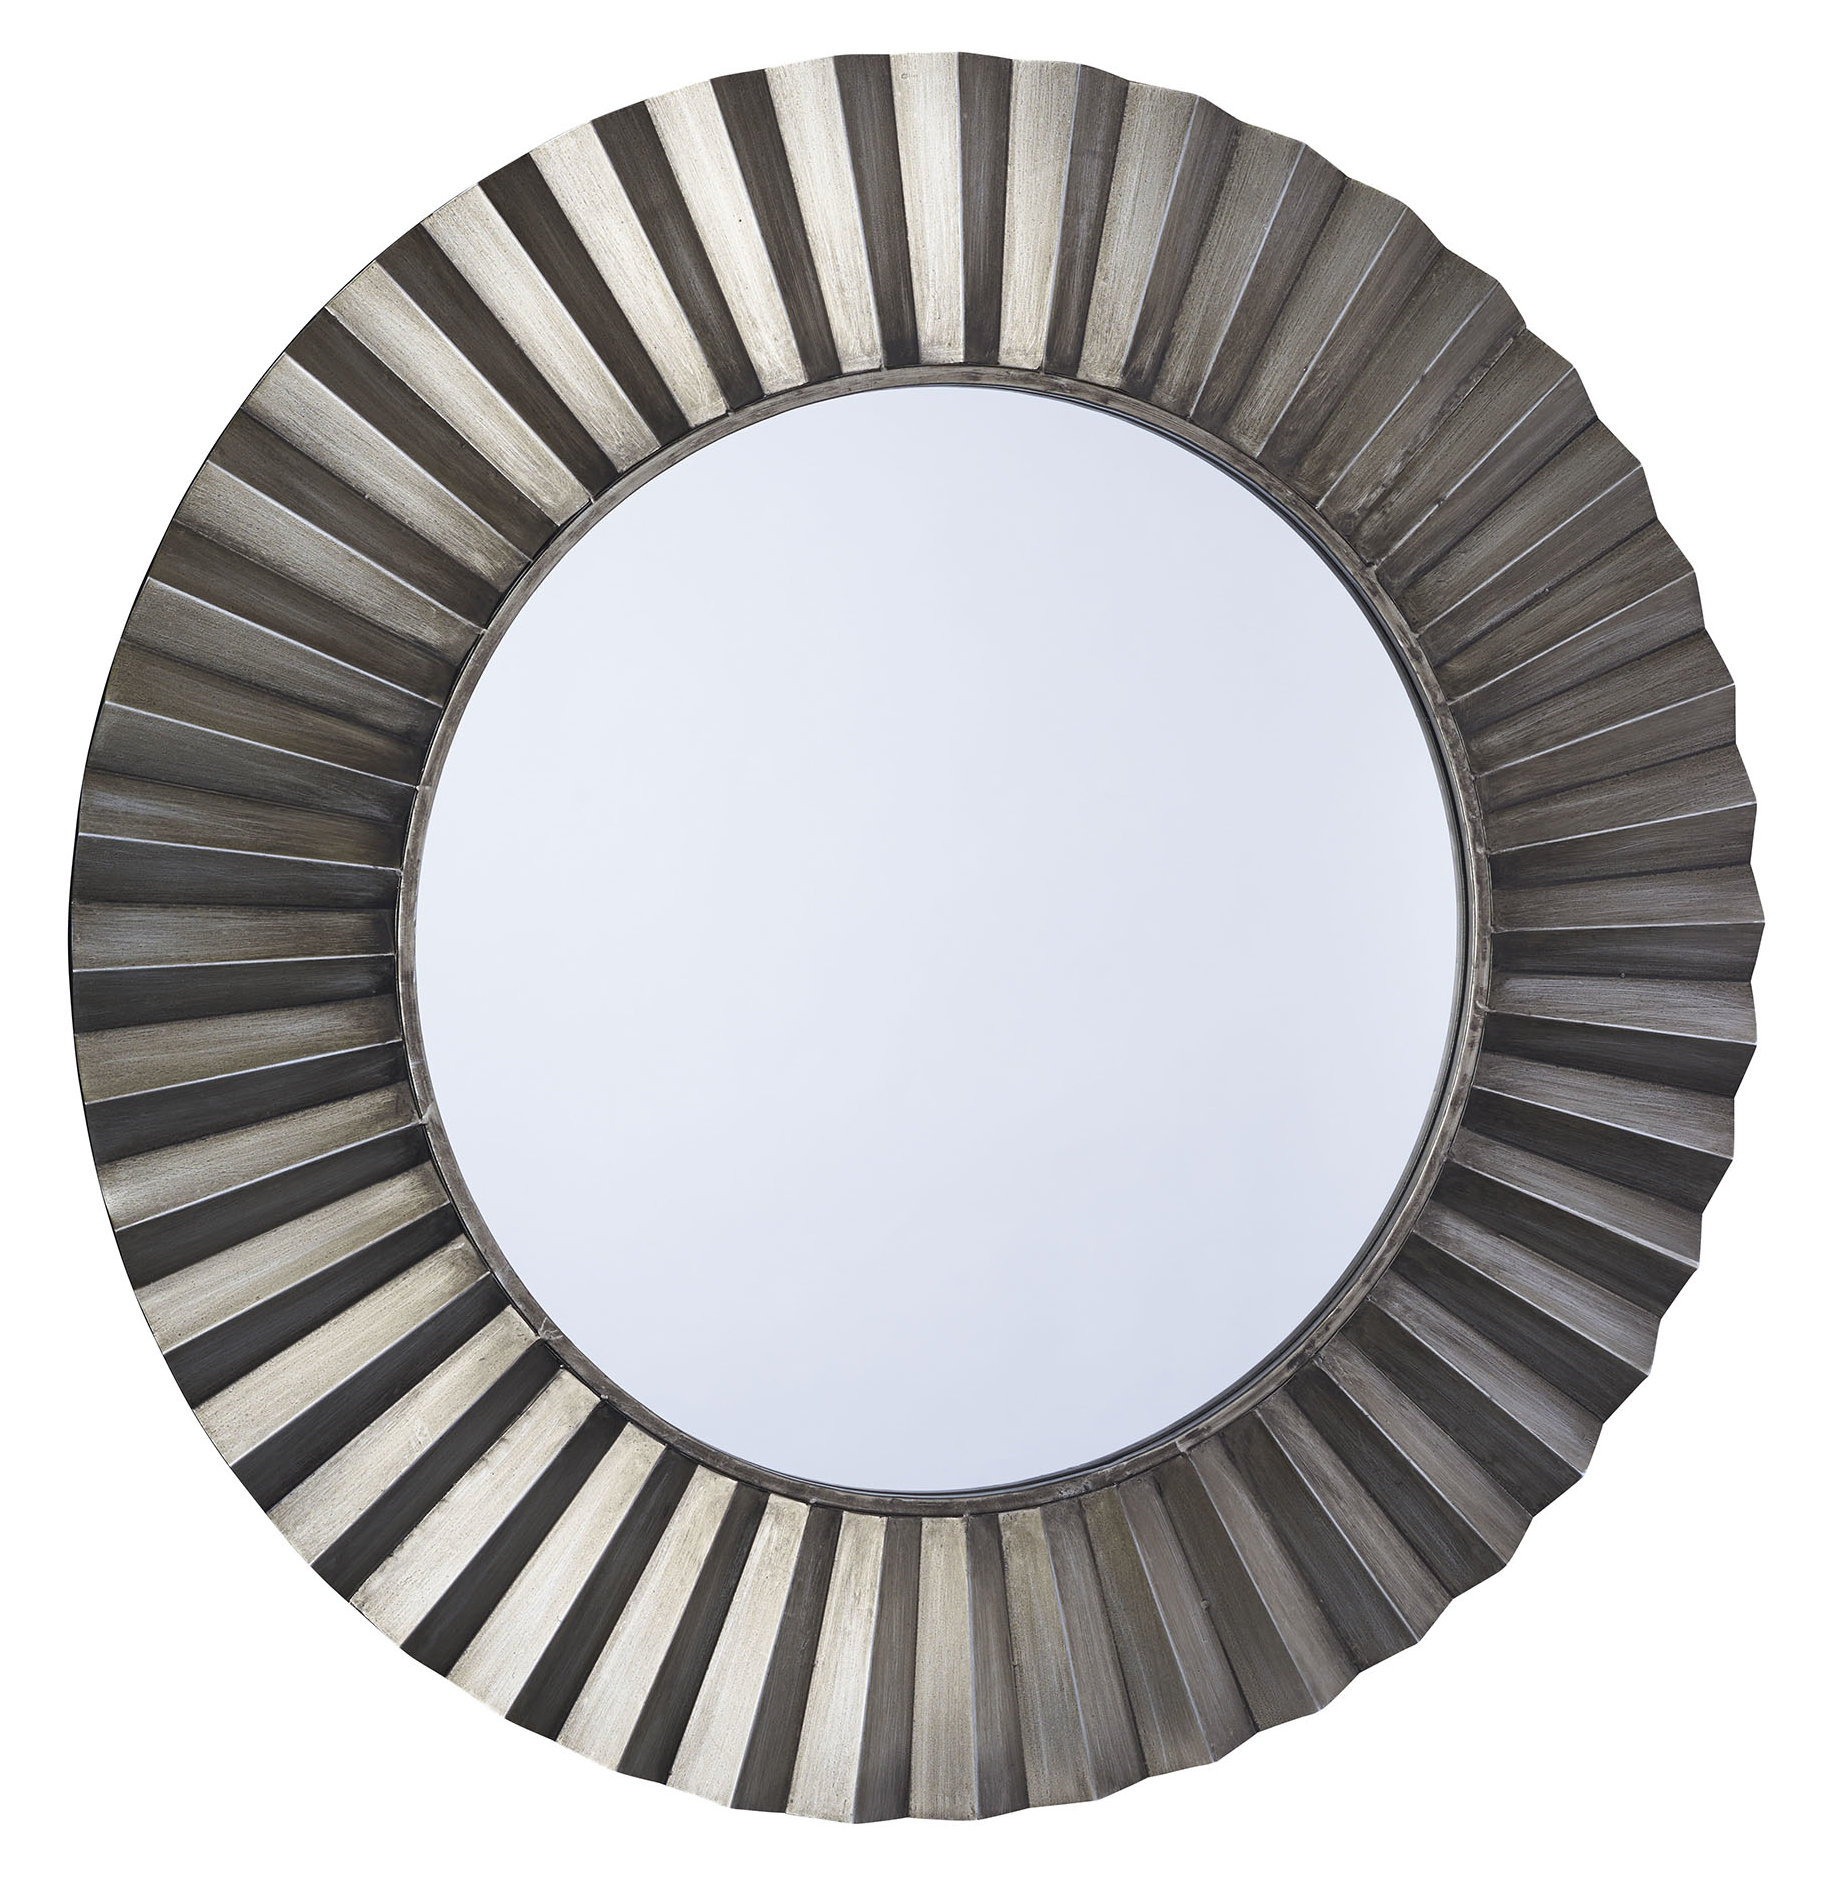 Sunburst Round Wall Mirror In Point Reyes Molten Round Wall Mirrors (View 25 of 30)